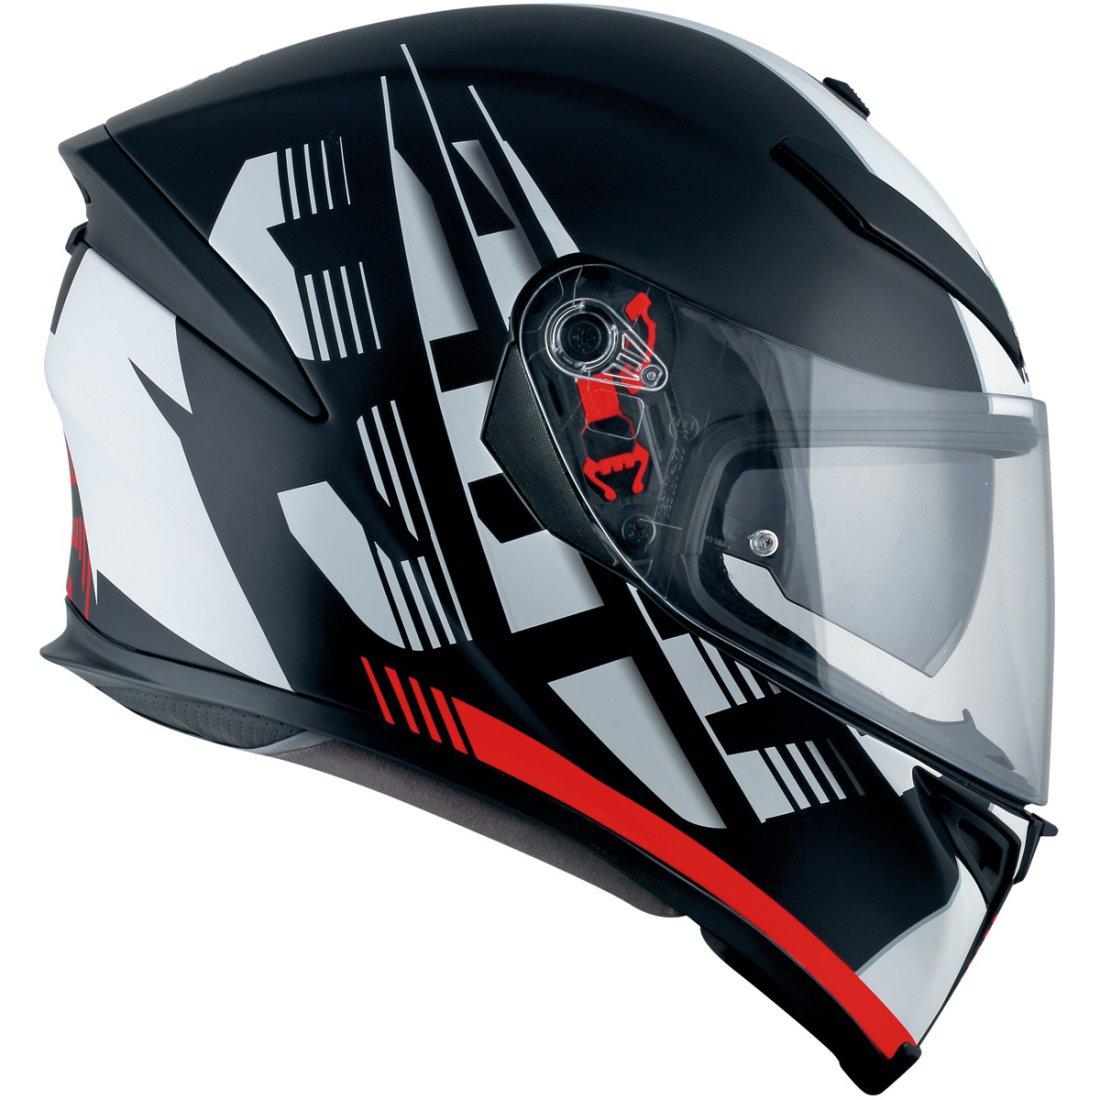 agv k 5 s darkstorm matt black red helmet motocard